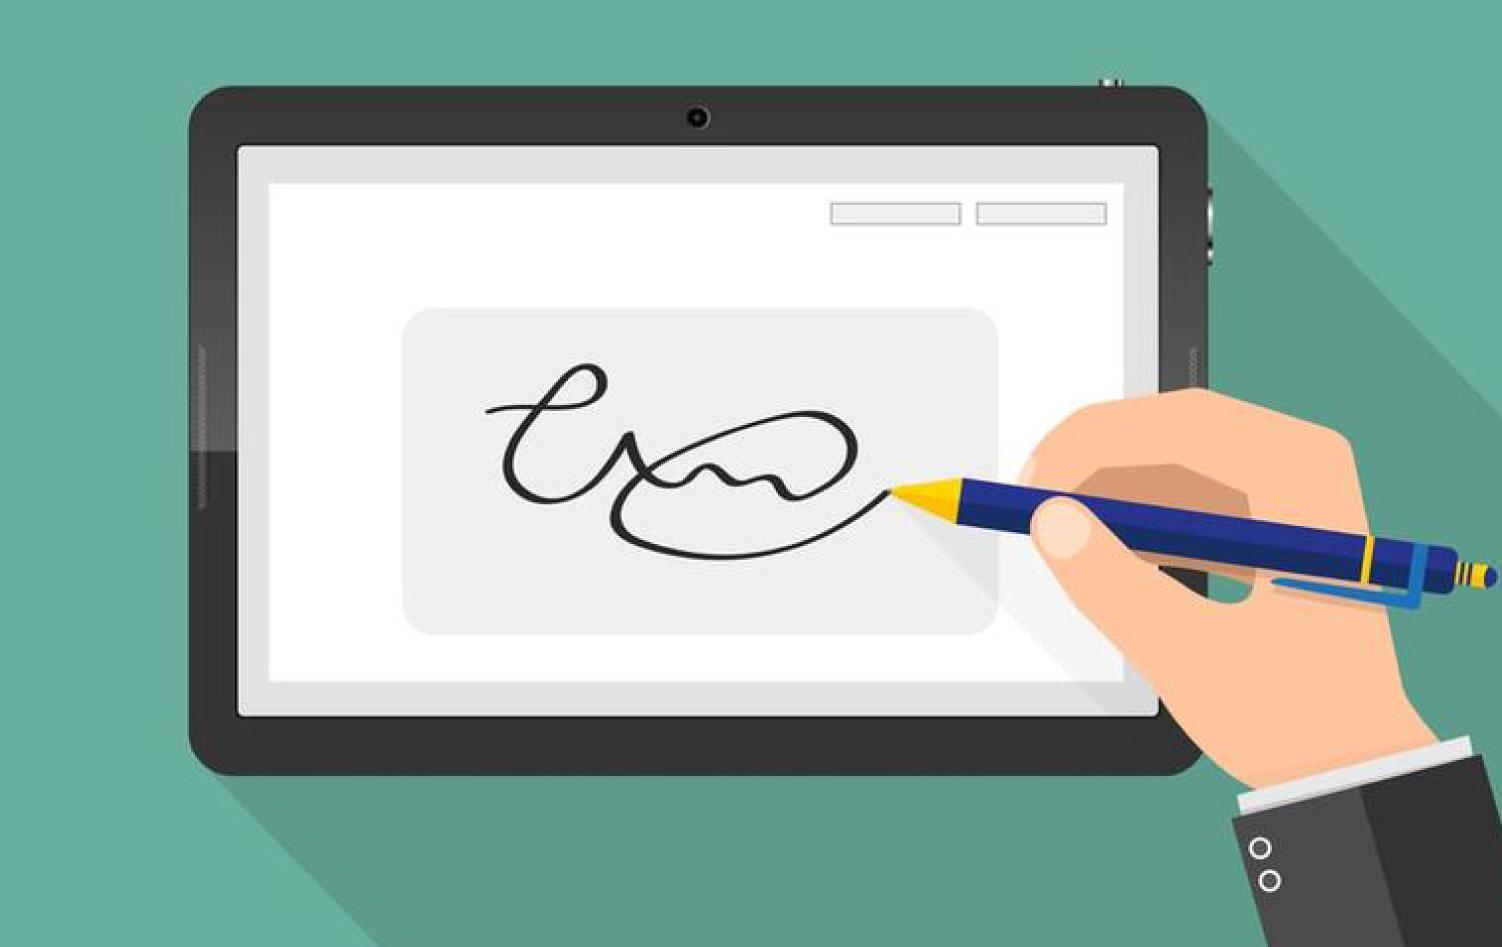 Ministério da Economia regulamenta o Decreto 10543/20 sobre níveis mínimos de exigência para as assinaturas em interações eletrônicas com entes públicos